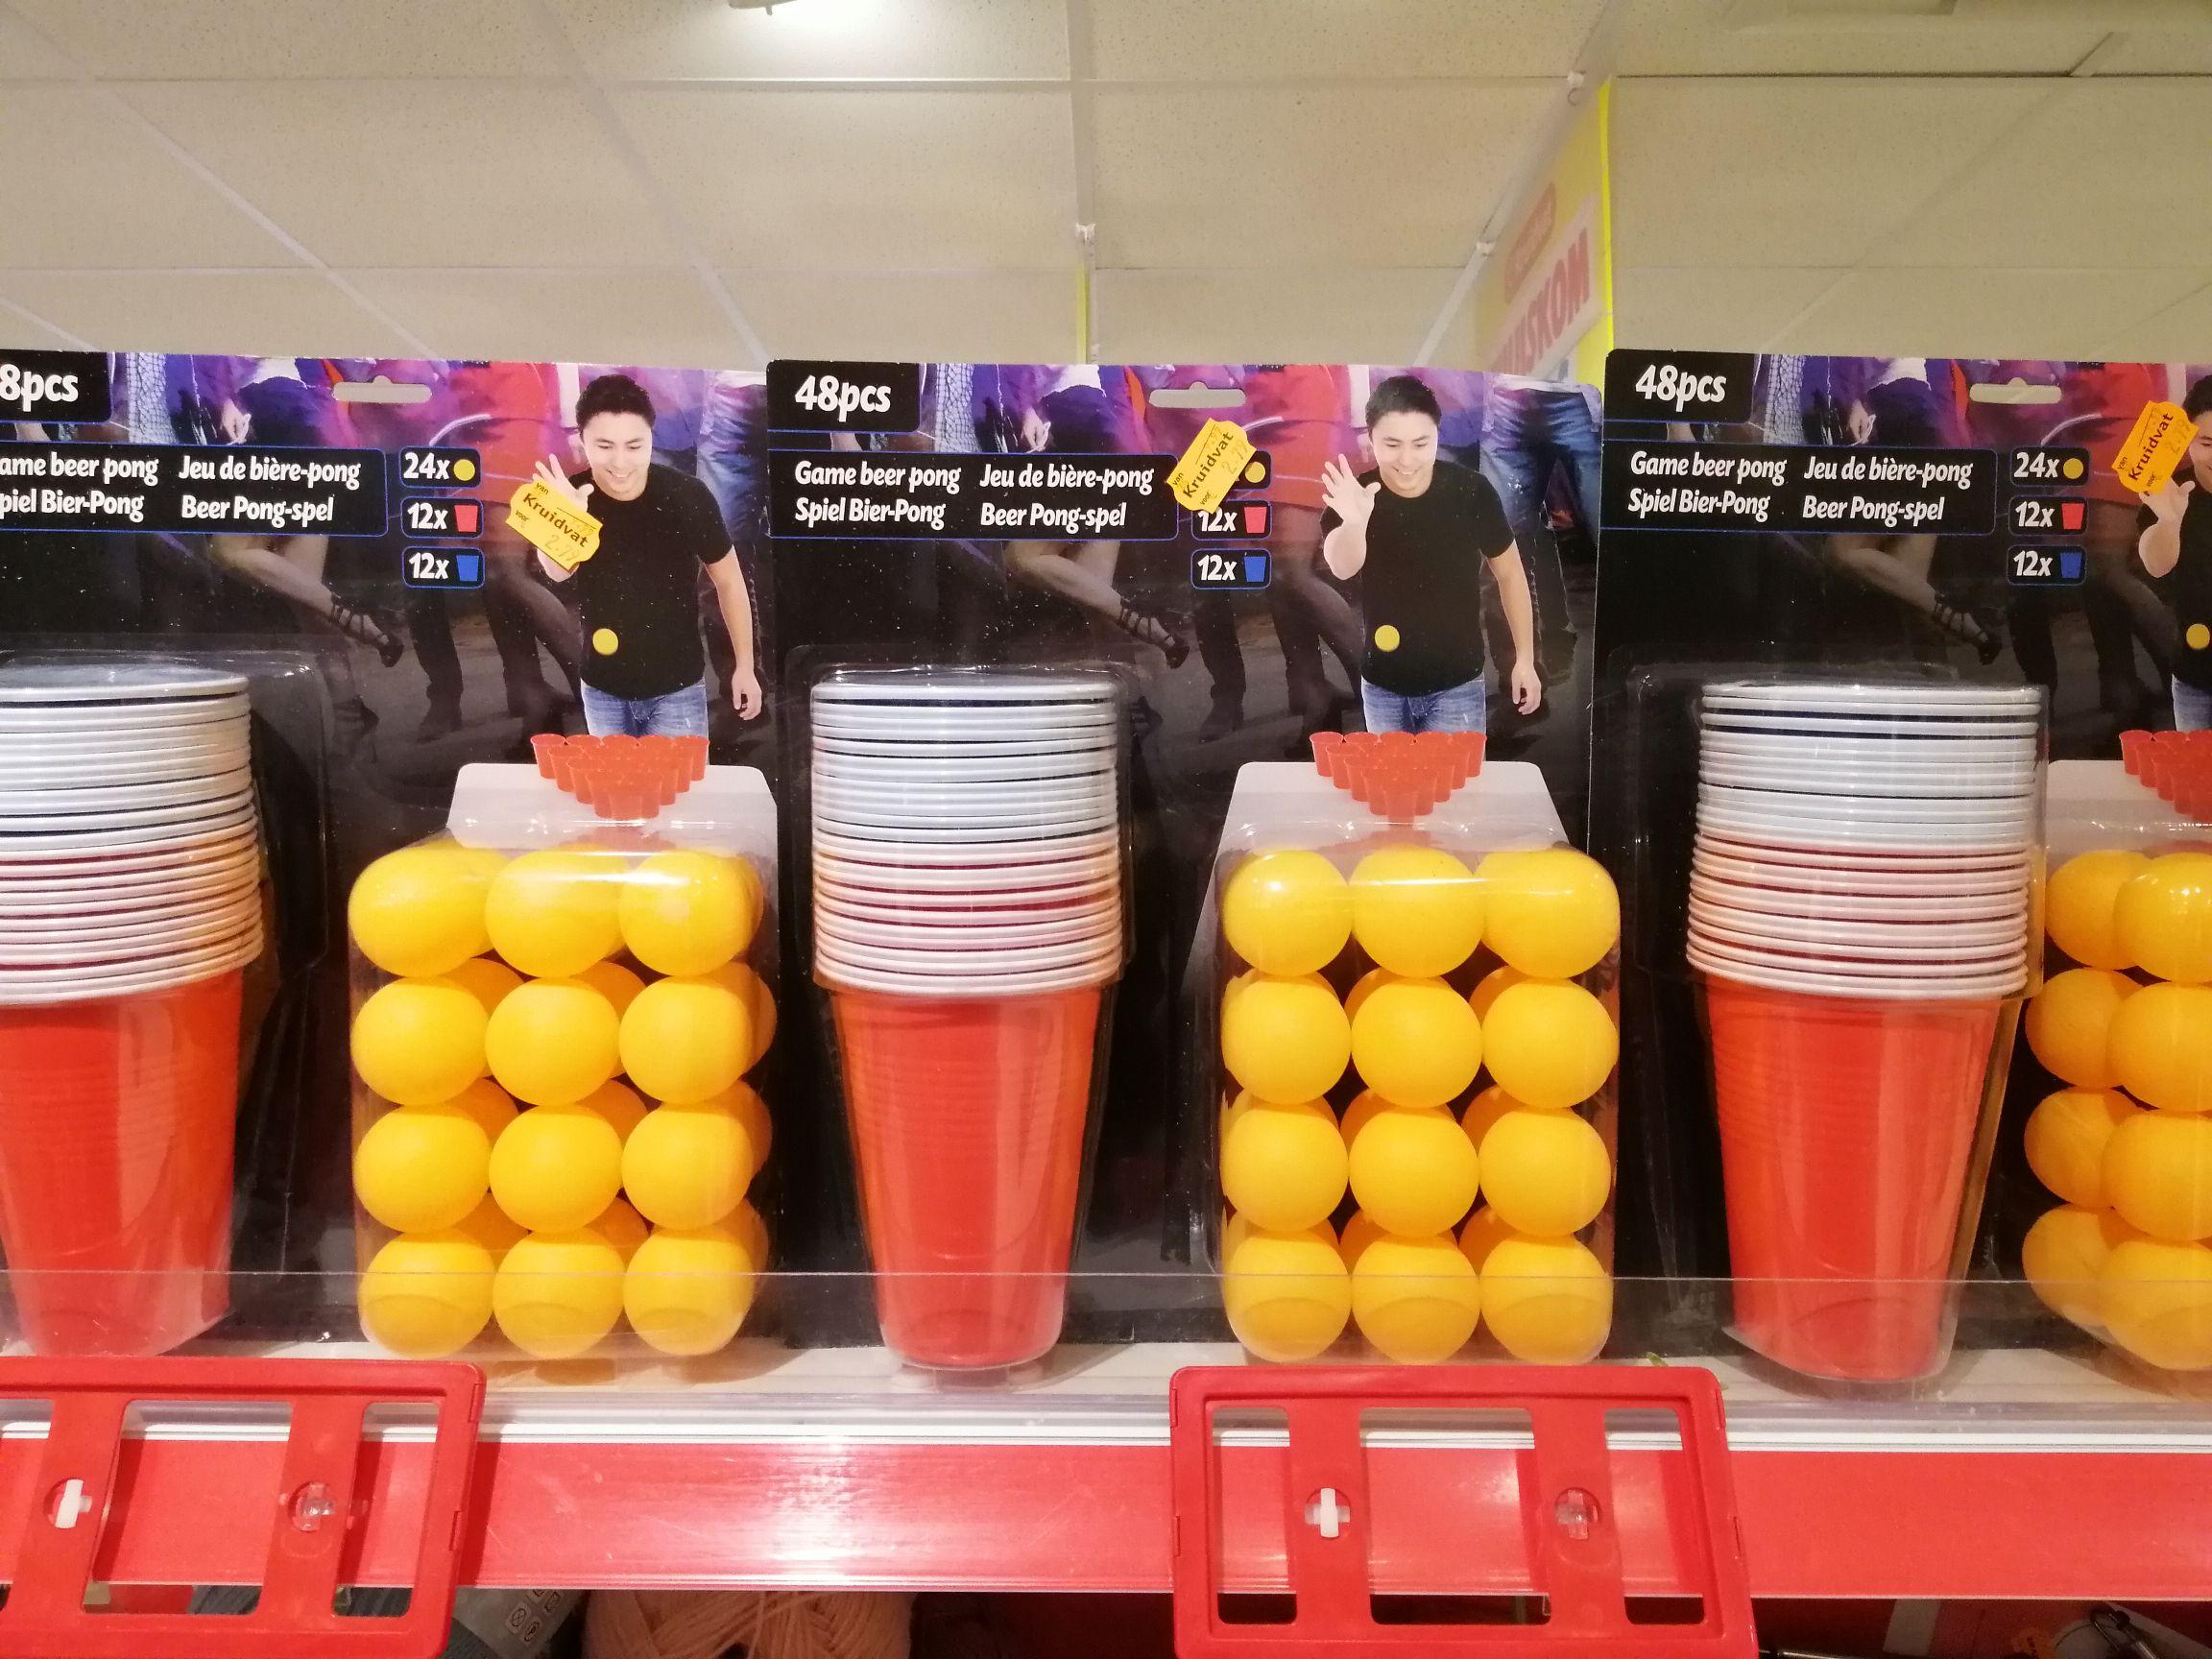 Beer pong  voor €2,79 @ Kruidvat